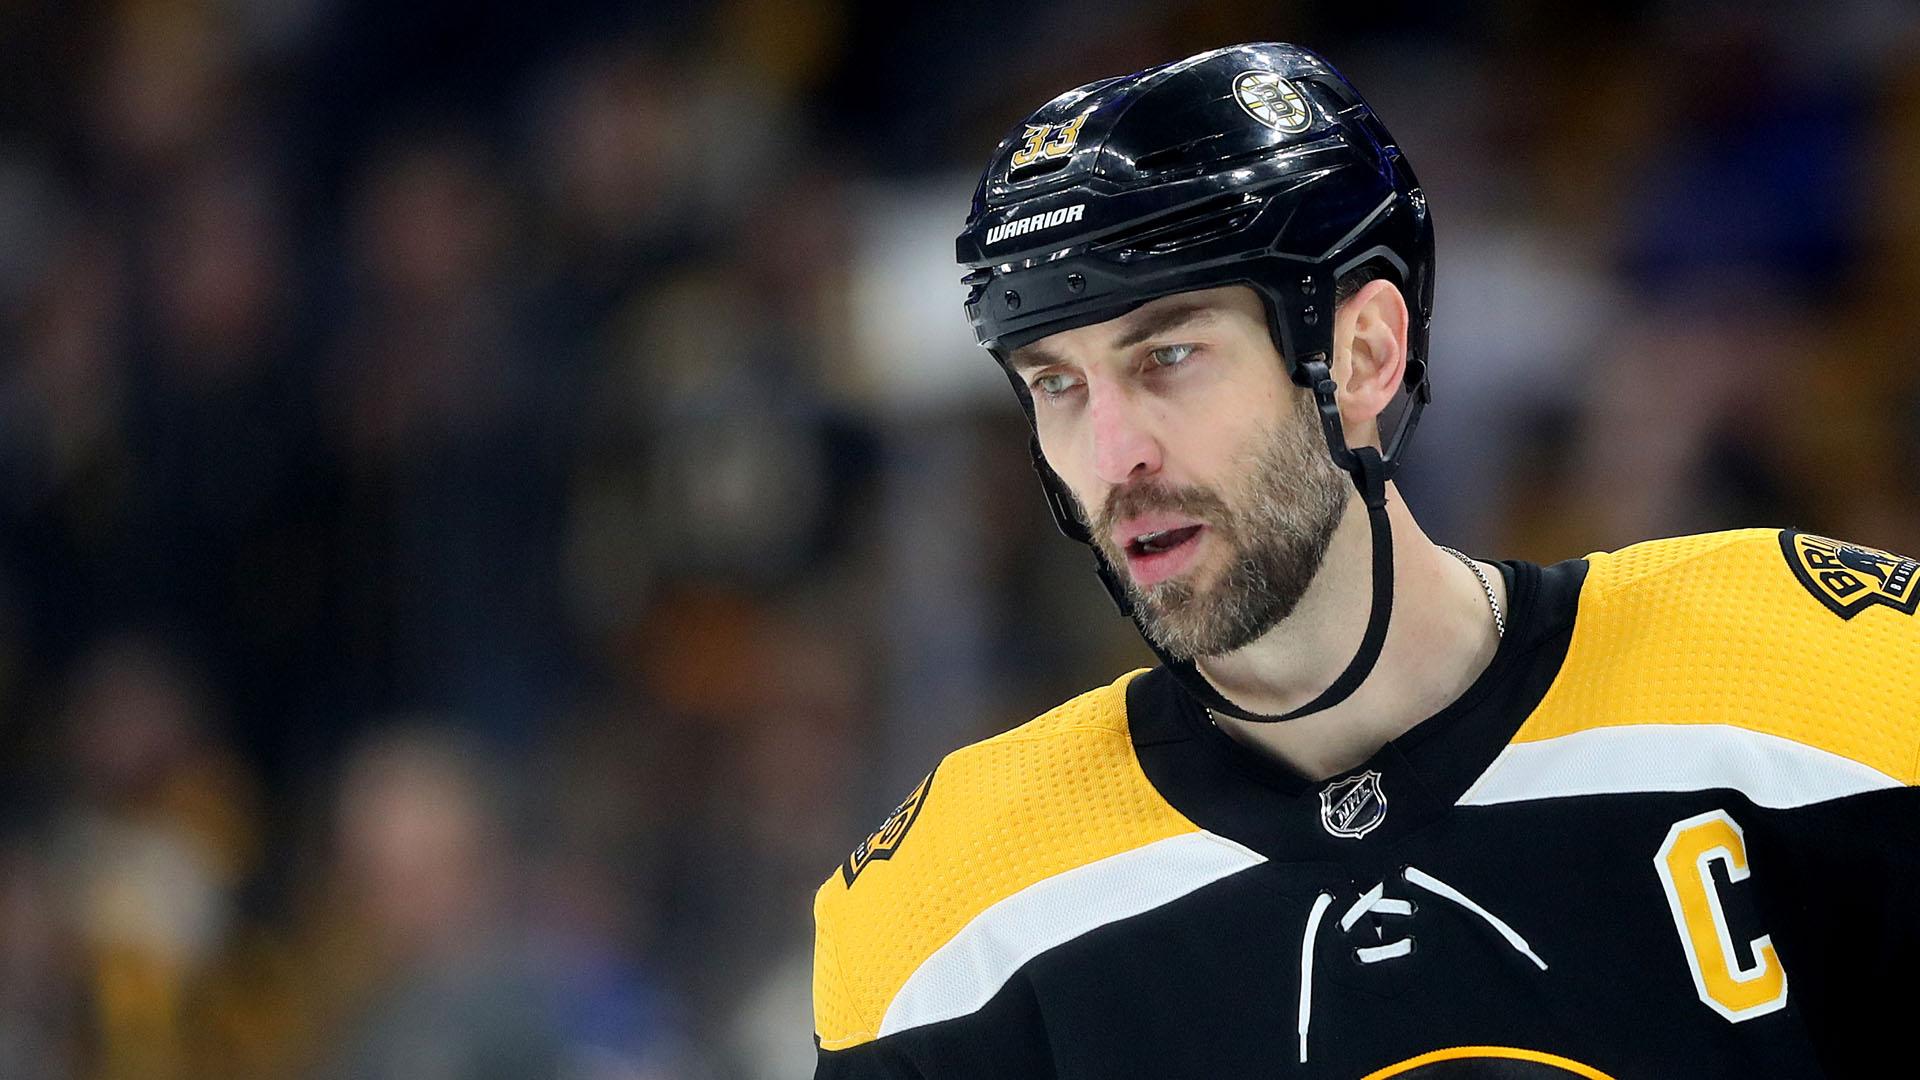 Zdeno Chara injury update: Bruins' defenseman to miss first playoff game since 2011